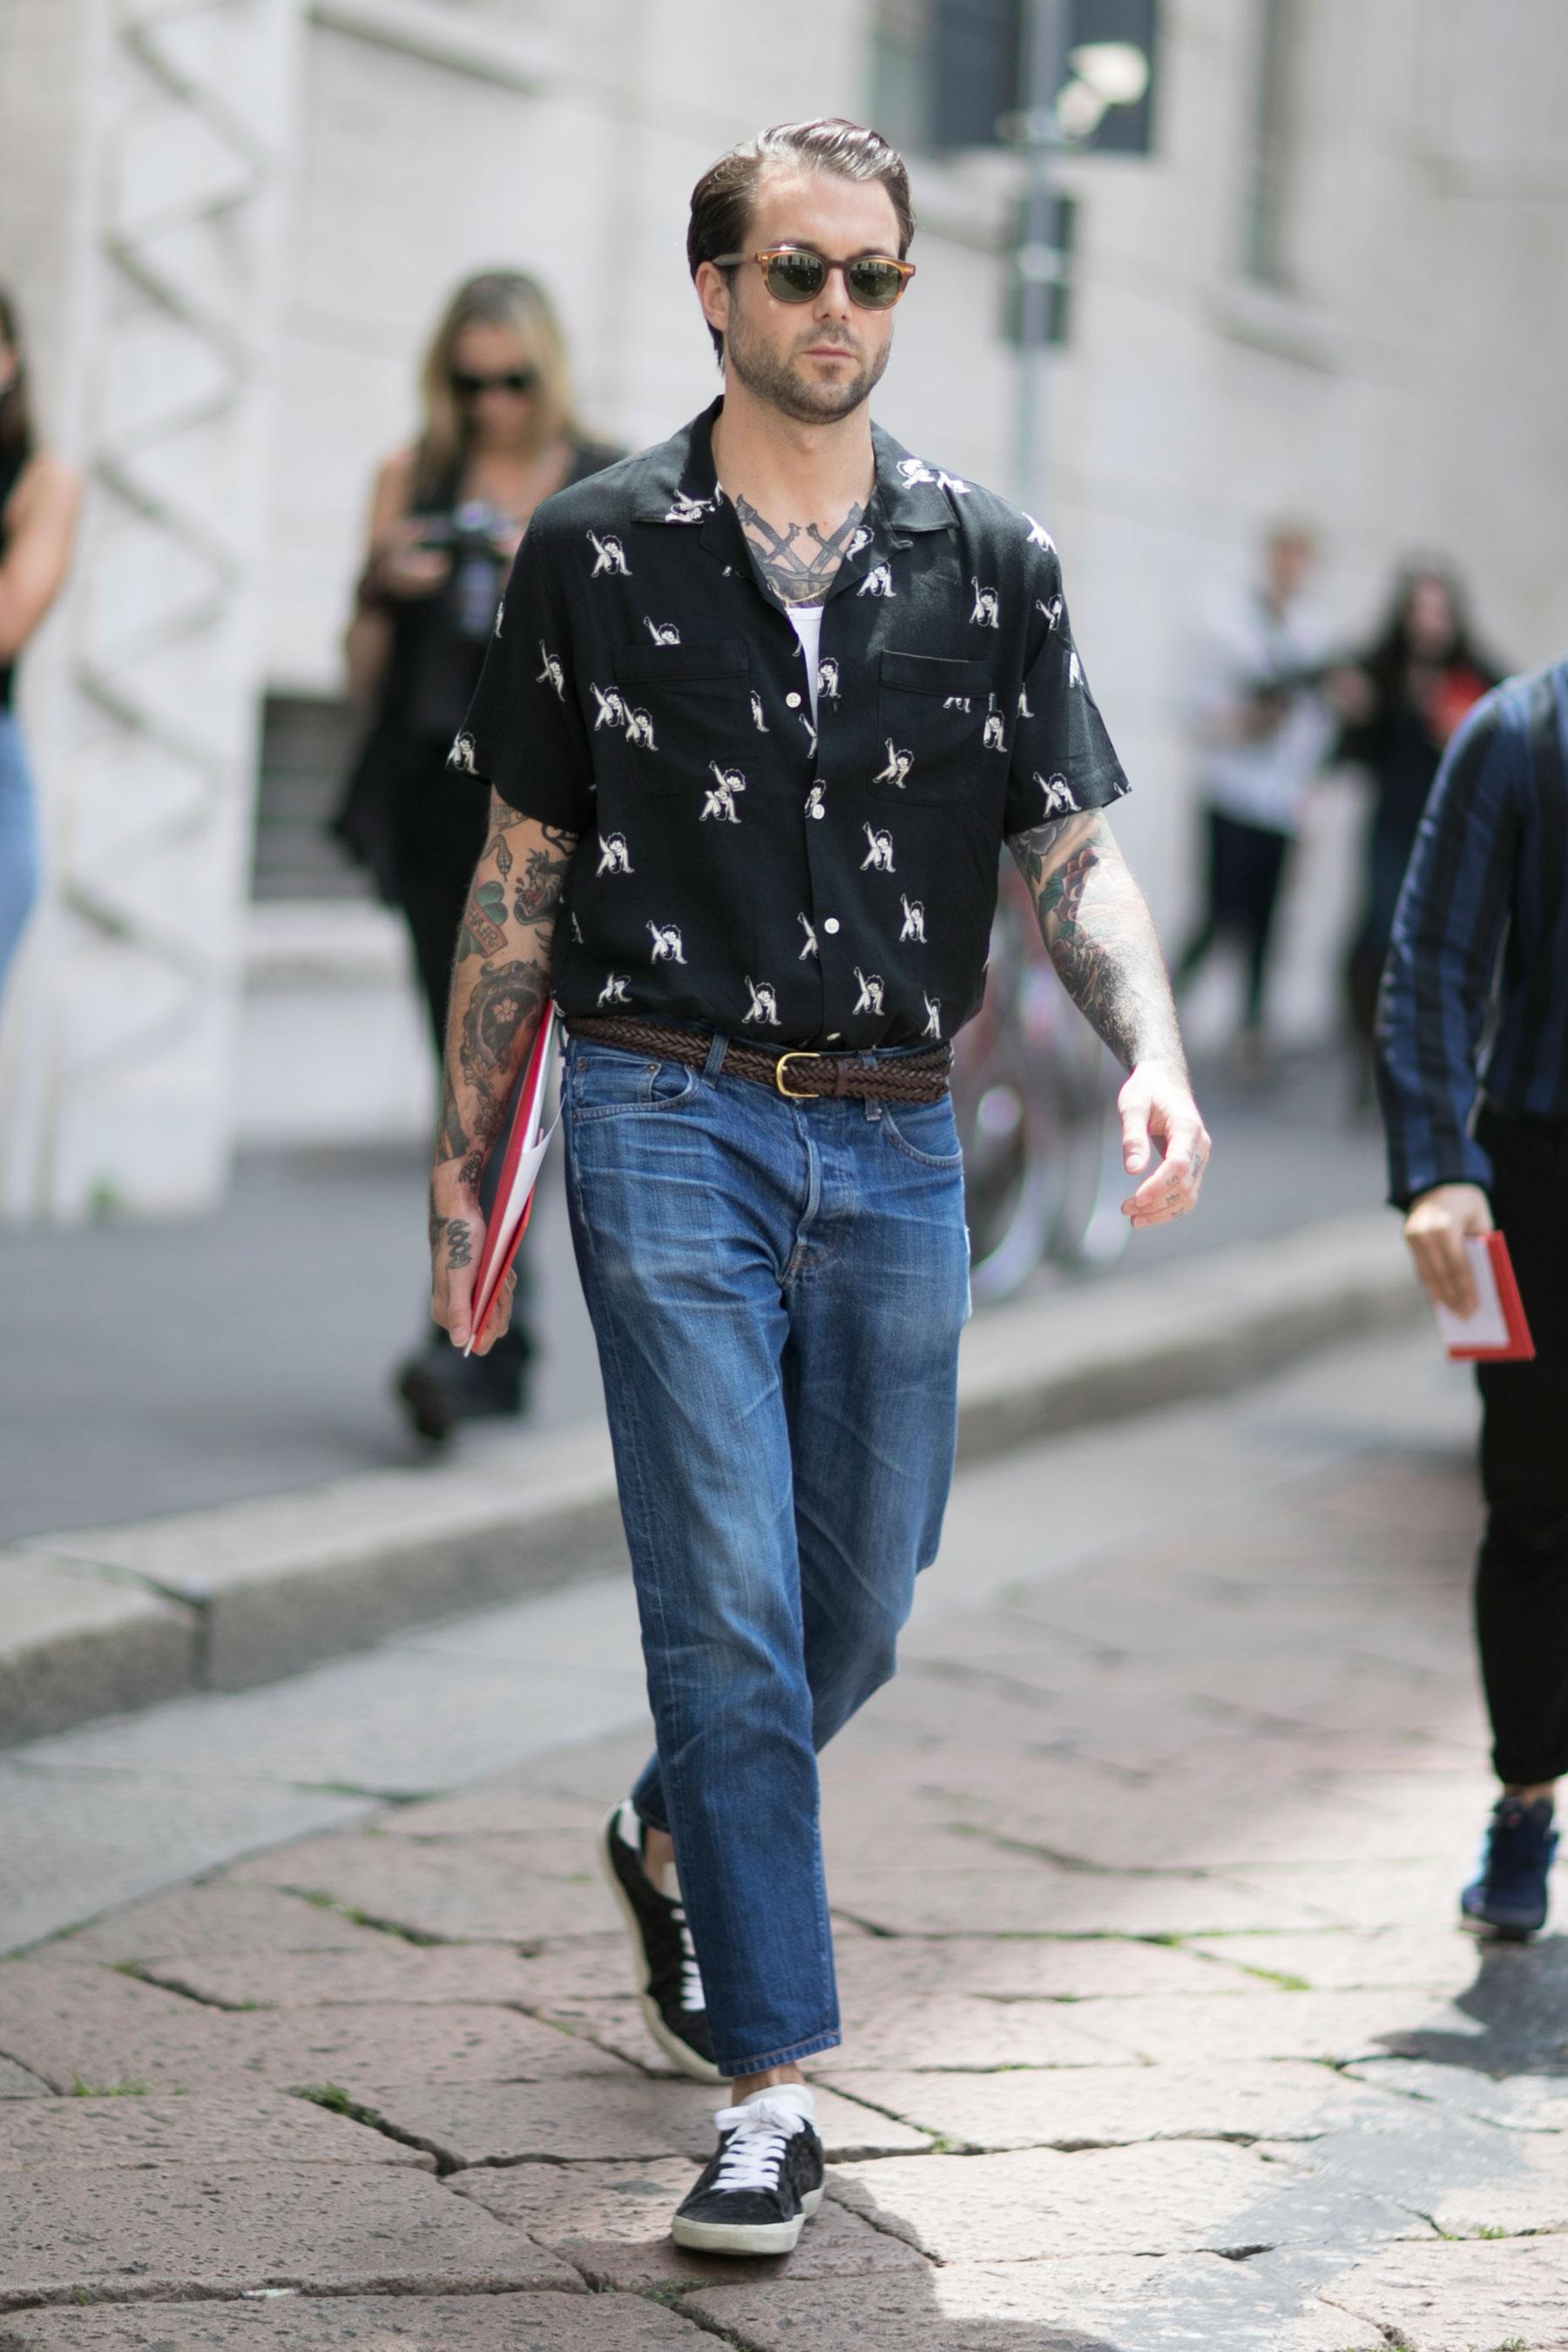 黒半袖開衿柄シャツ×デニムパンツ×黒ローカットスニーカー